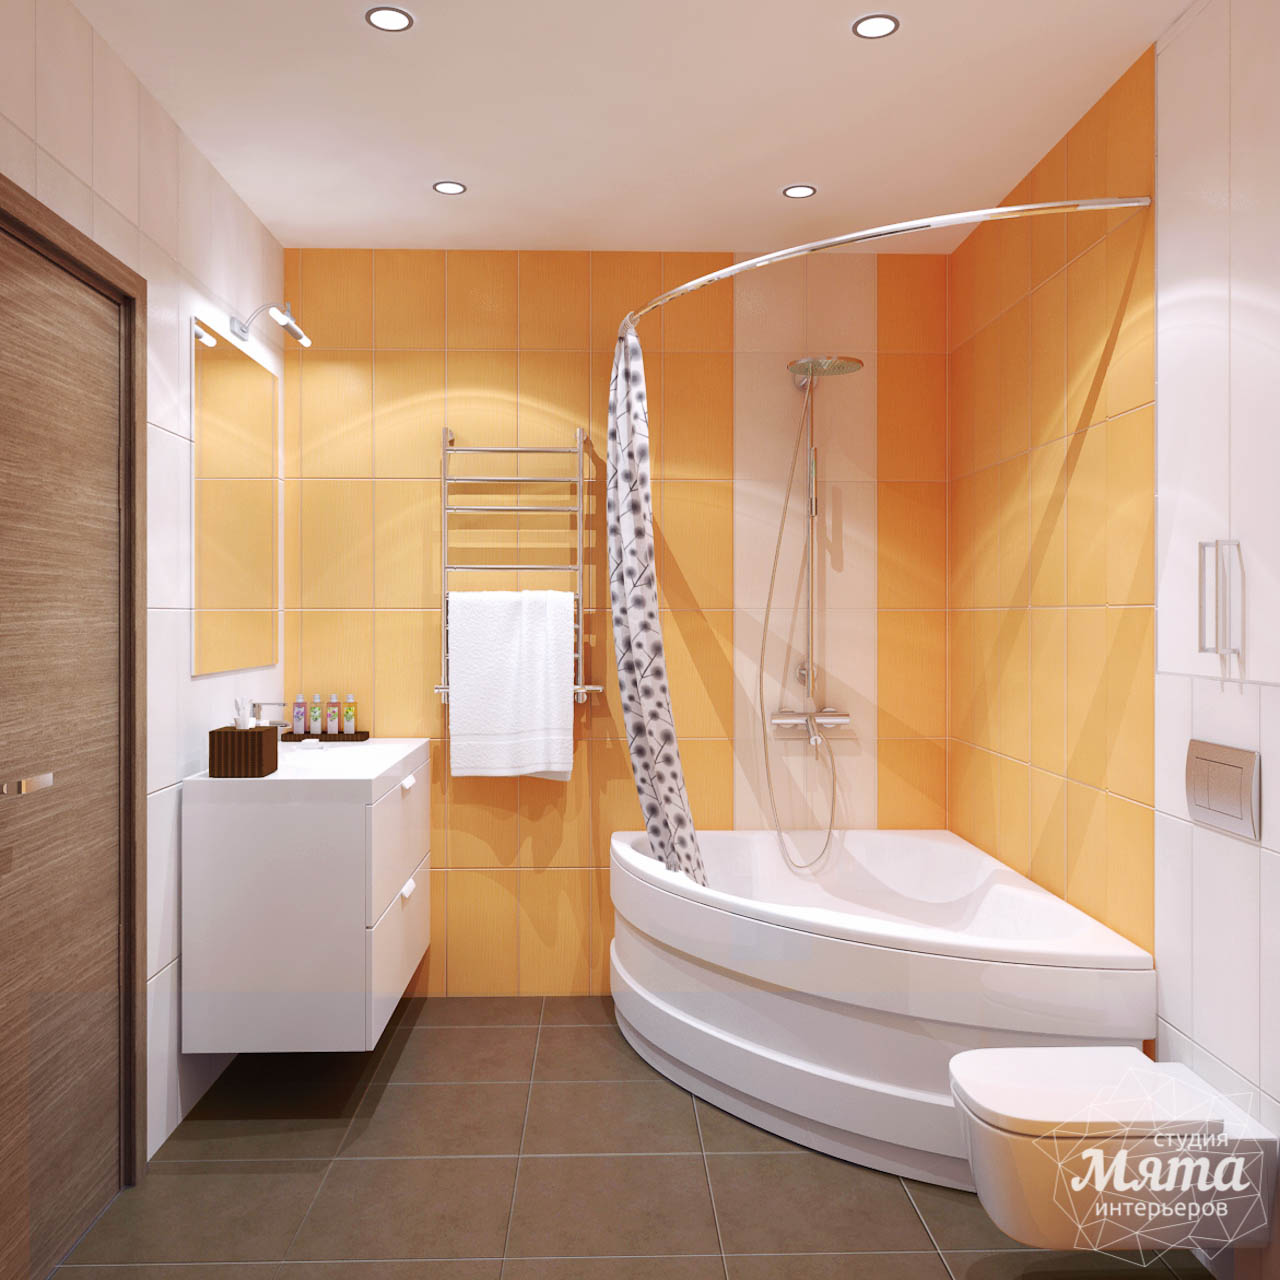 Дизайн интерьера двухкомнатной квартиры по ул. Машинная 40 img1642510394